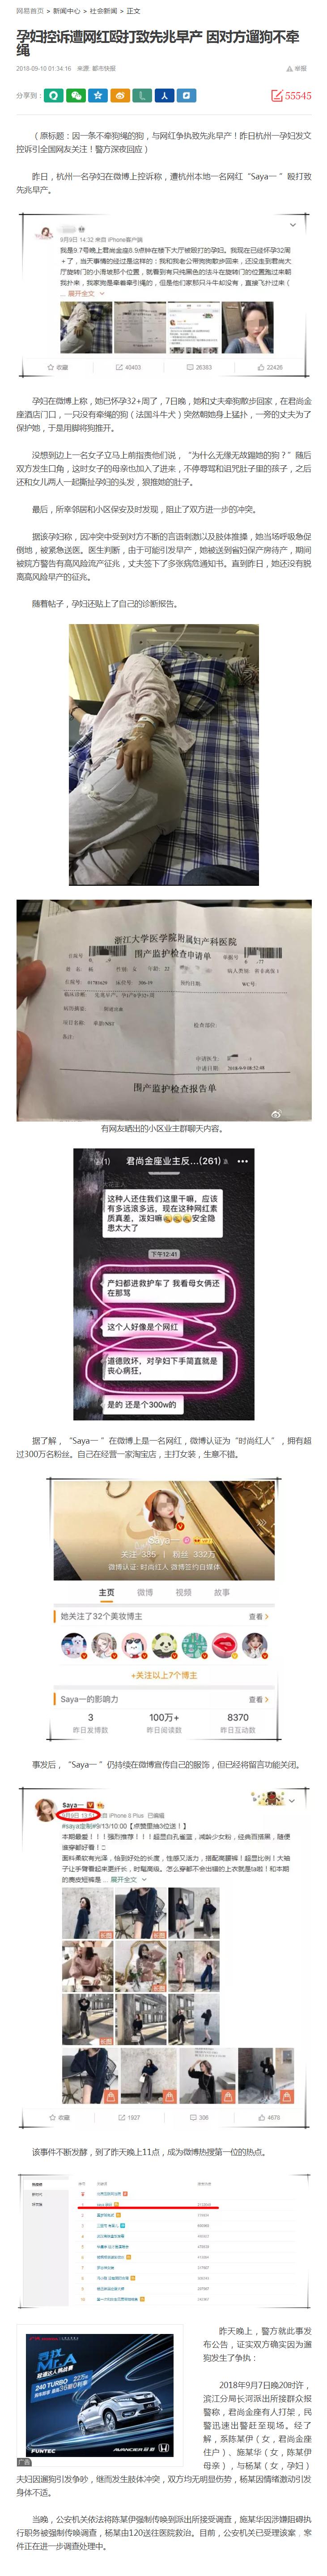 孕妇控诉遭网红殴打致先兆早产 因对方遛狗不牵绳_网易新闻.png